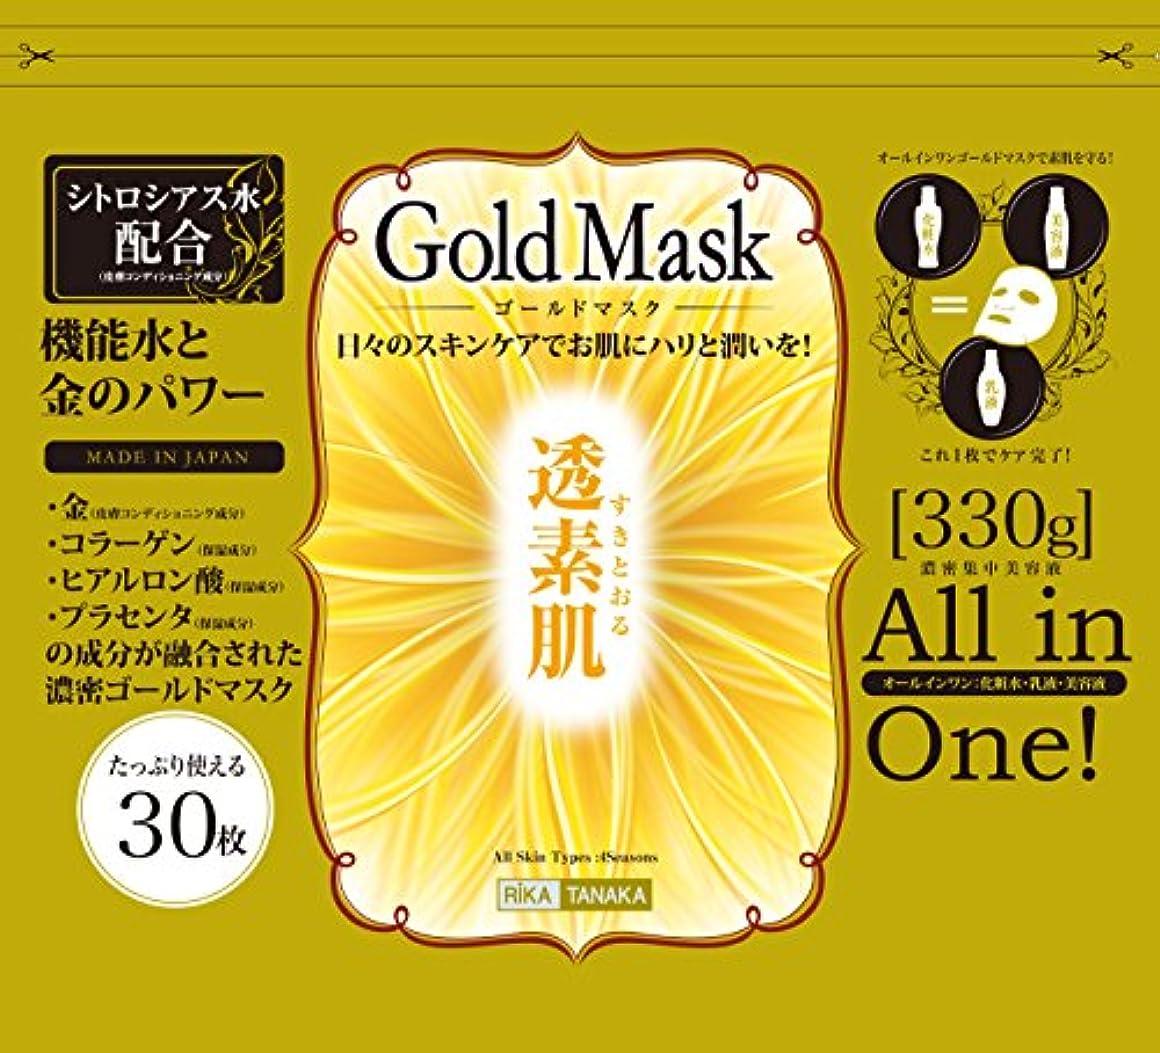 足首仮装待って金箔入りフェイスマスク 透素肌ゴールドマスク